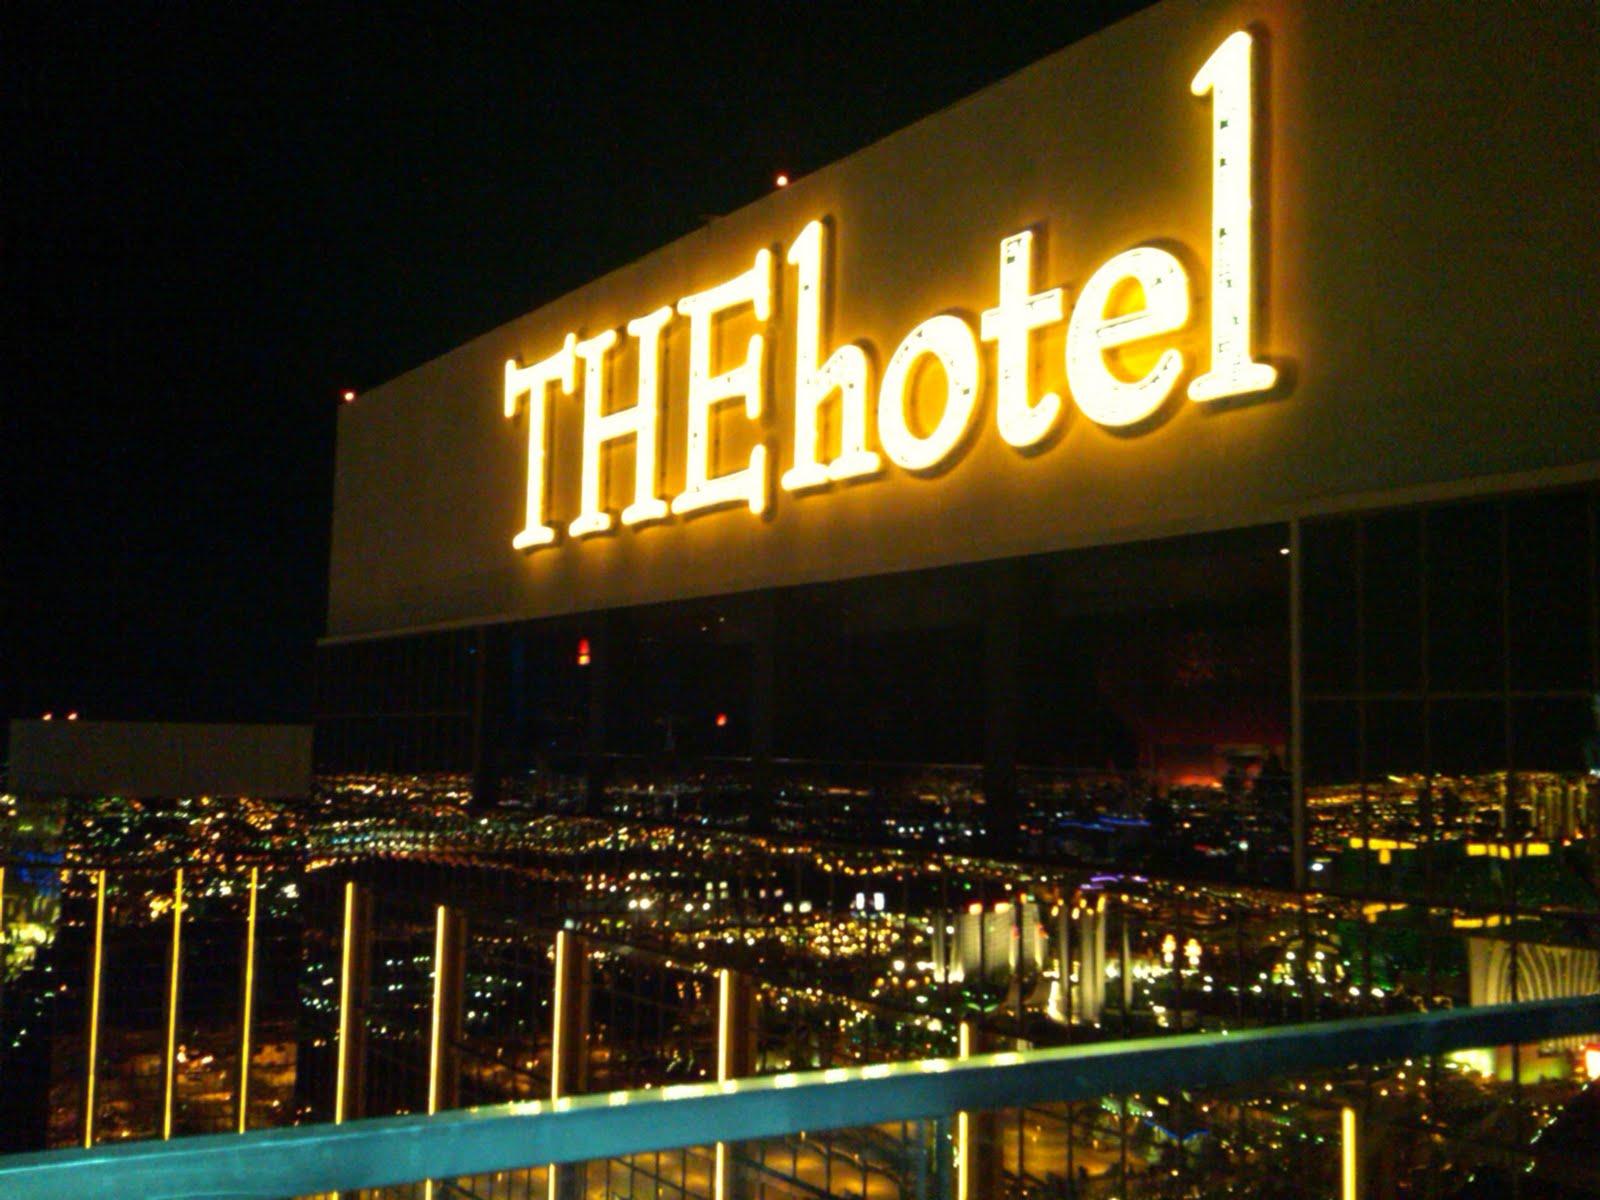 Thehotel At Mandalay Bay Resortfees Com